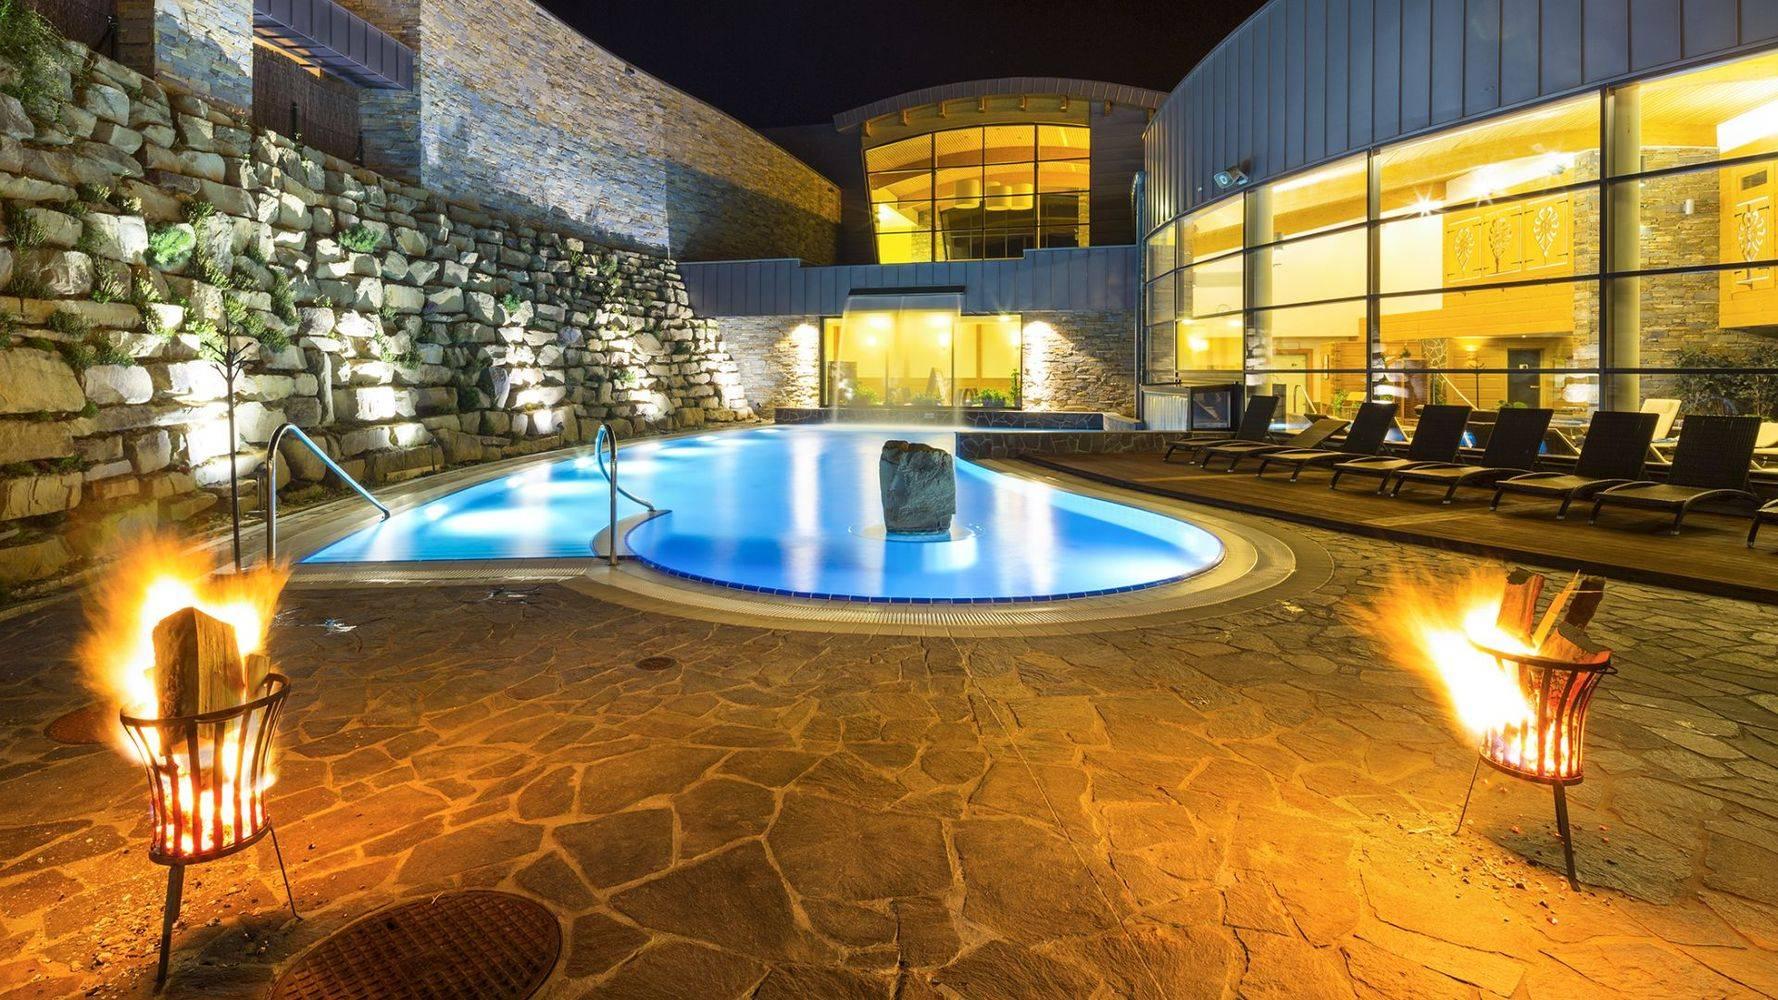 Спа-центры и горячие источники - отдых в испании (аликанте). жилье, экскурсии, трансфер, информация.